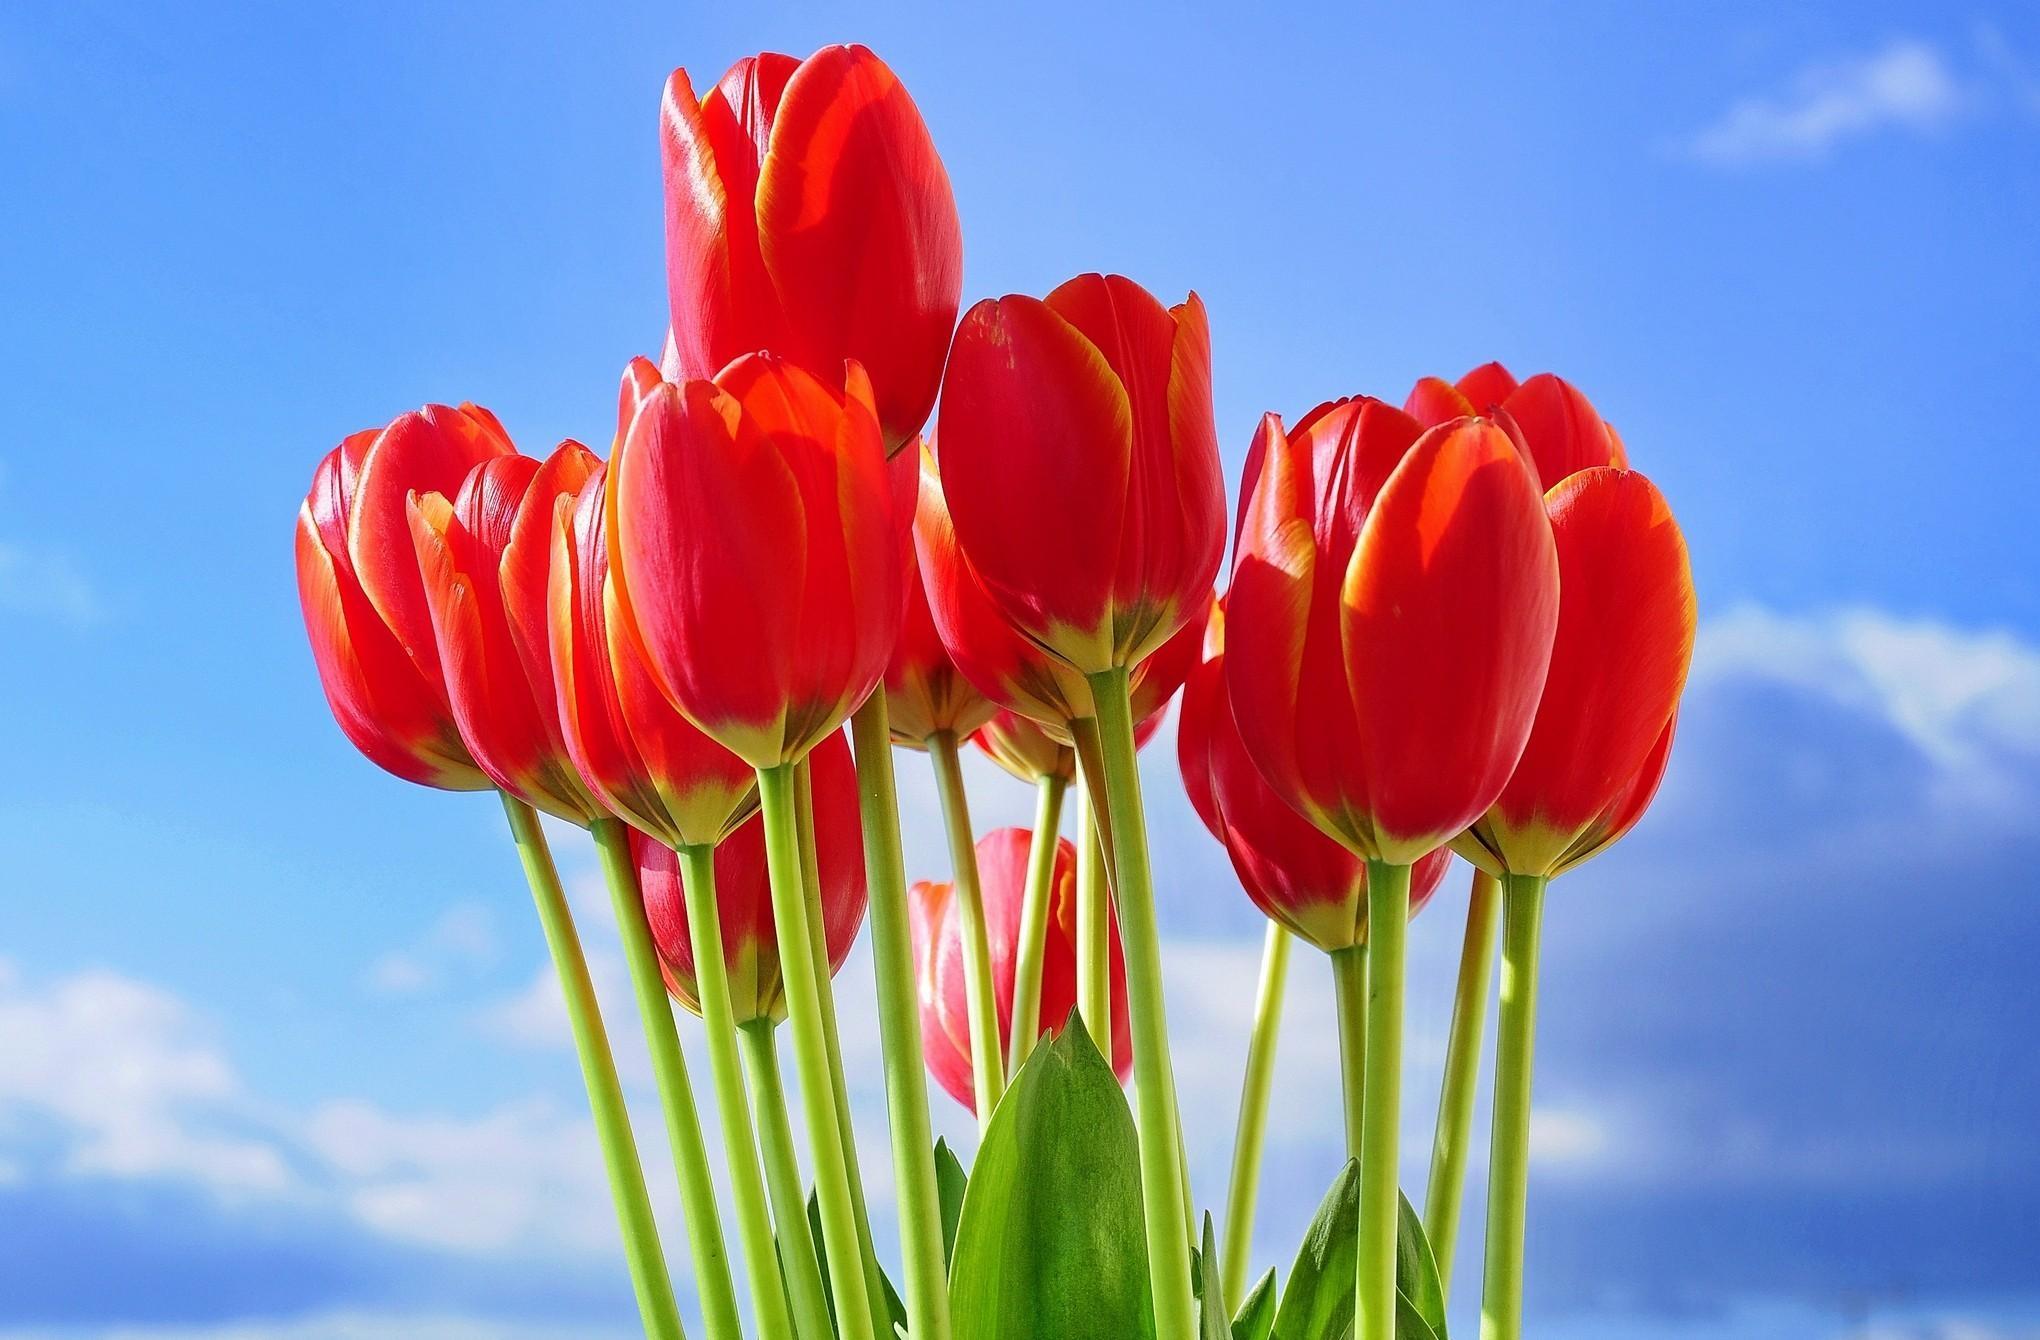 Картинки с красными тюльпанами